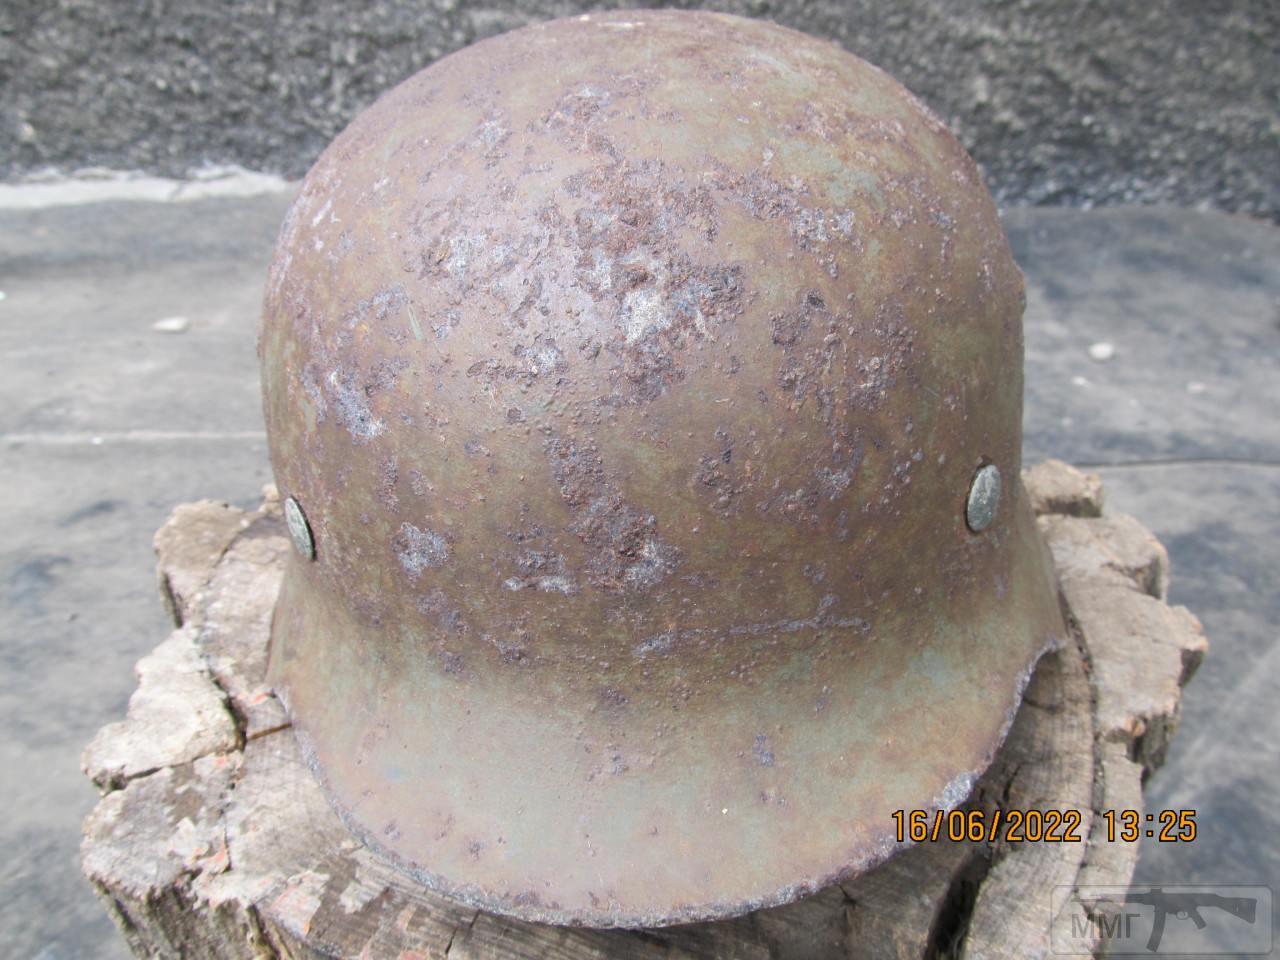 112435 - Реанімація залізної шапки вермахта М35